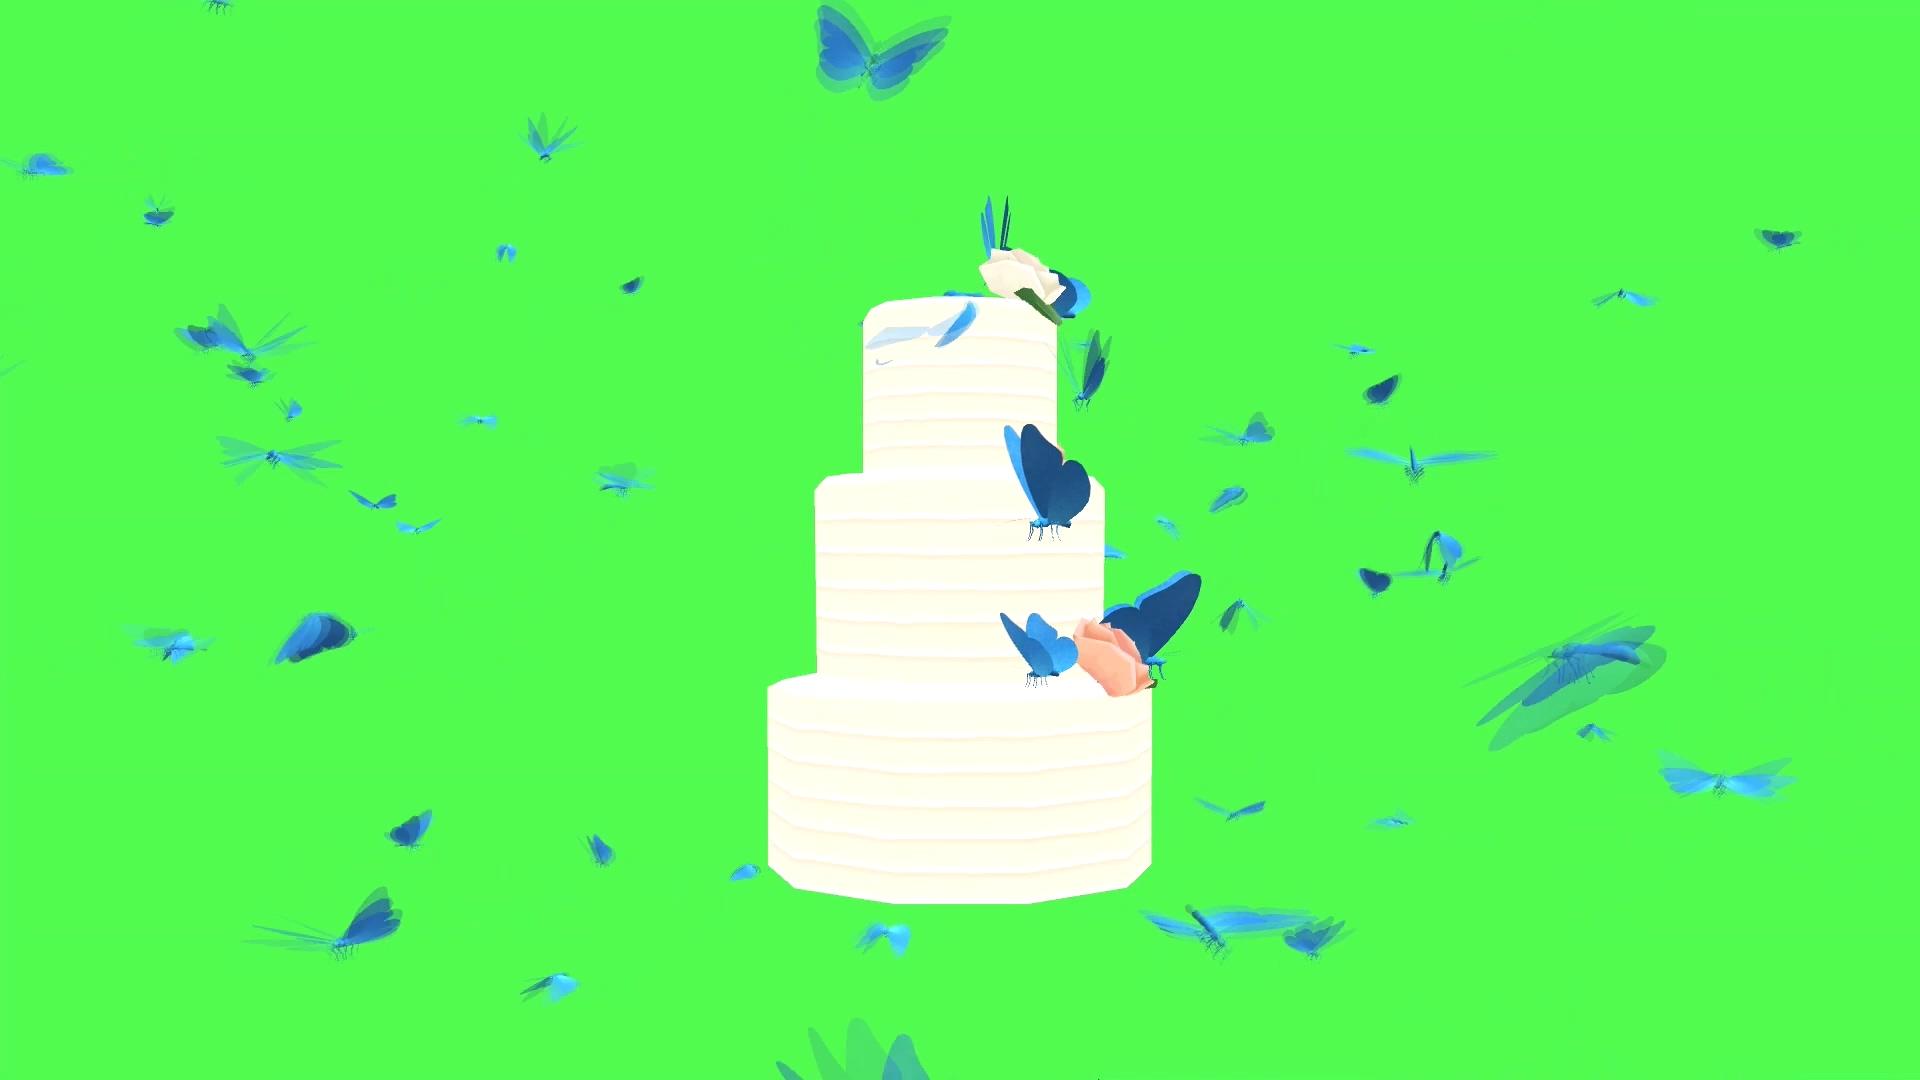 绿屏抠像生日蛋糕